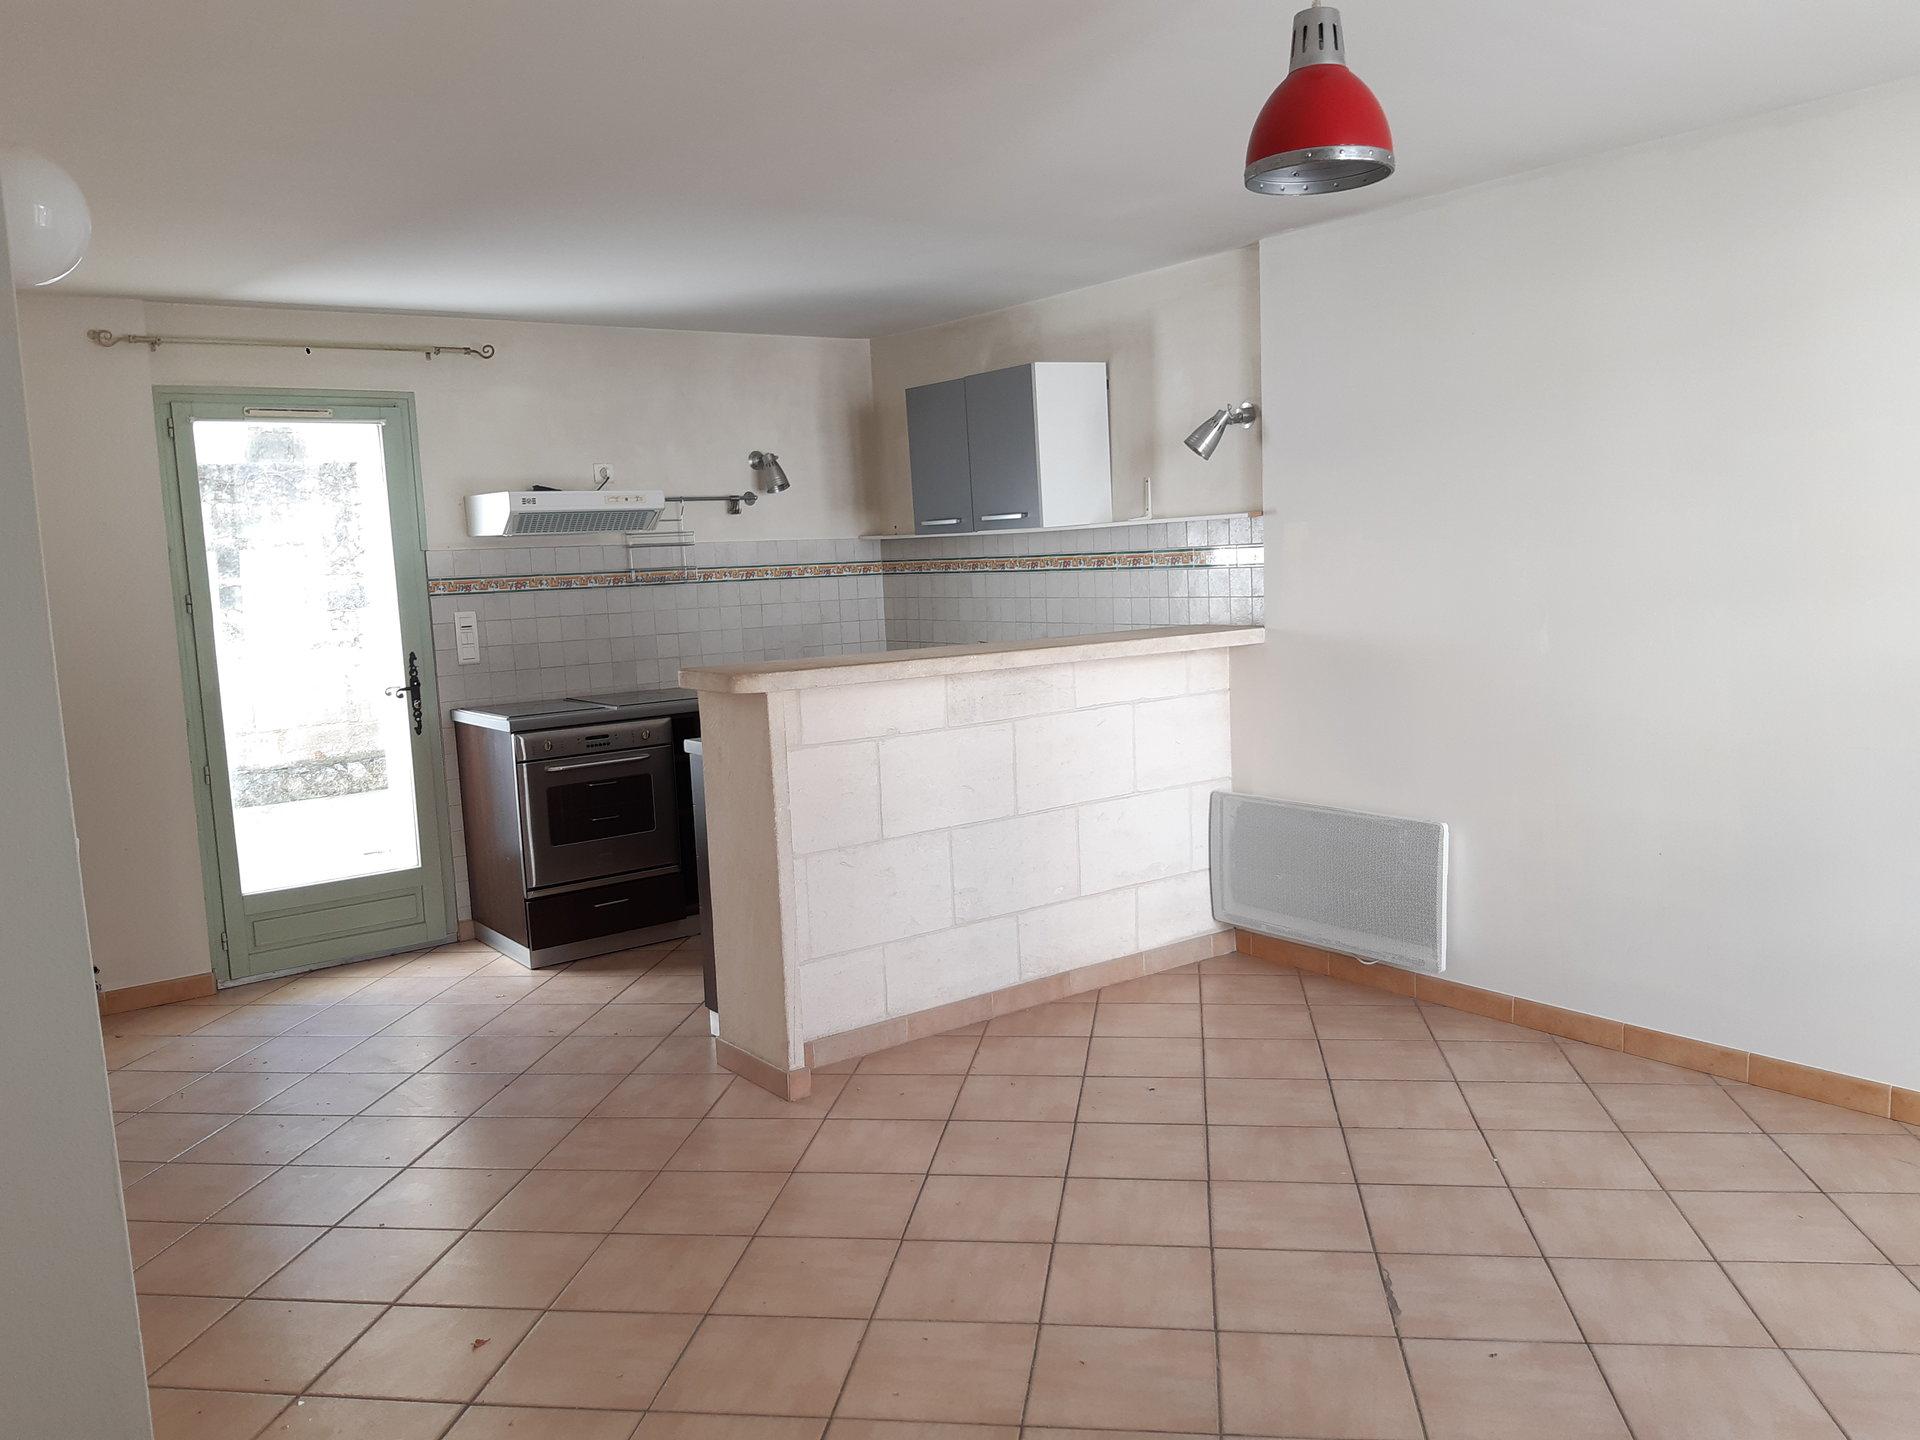 Location Maison MAUSSANE-LES-ALPILLES 1 salles de bain